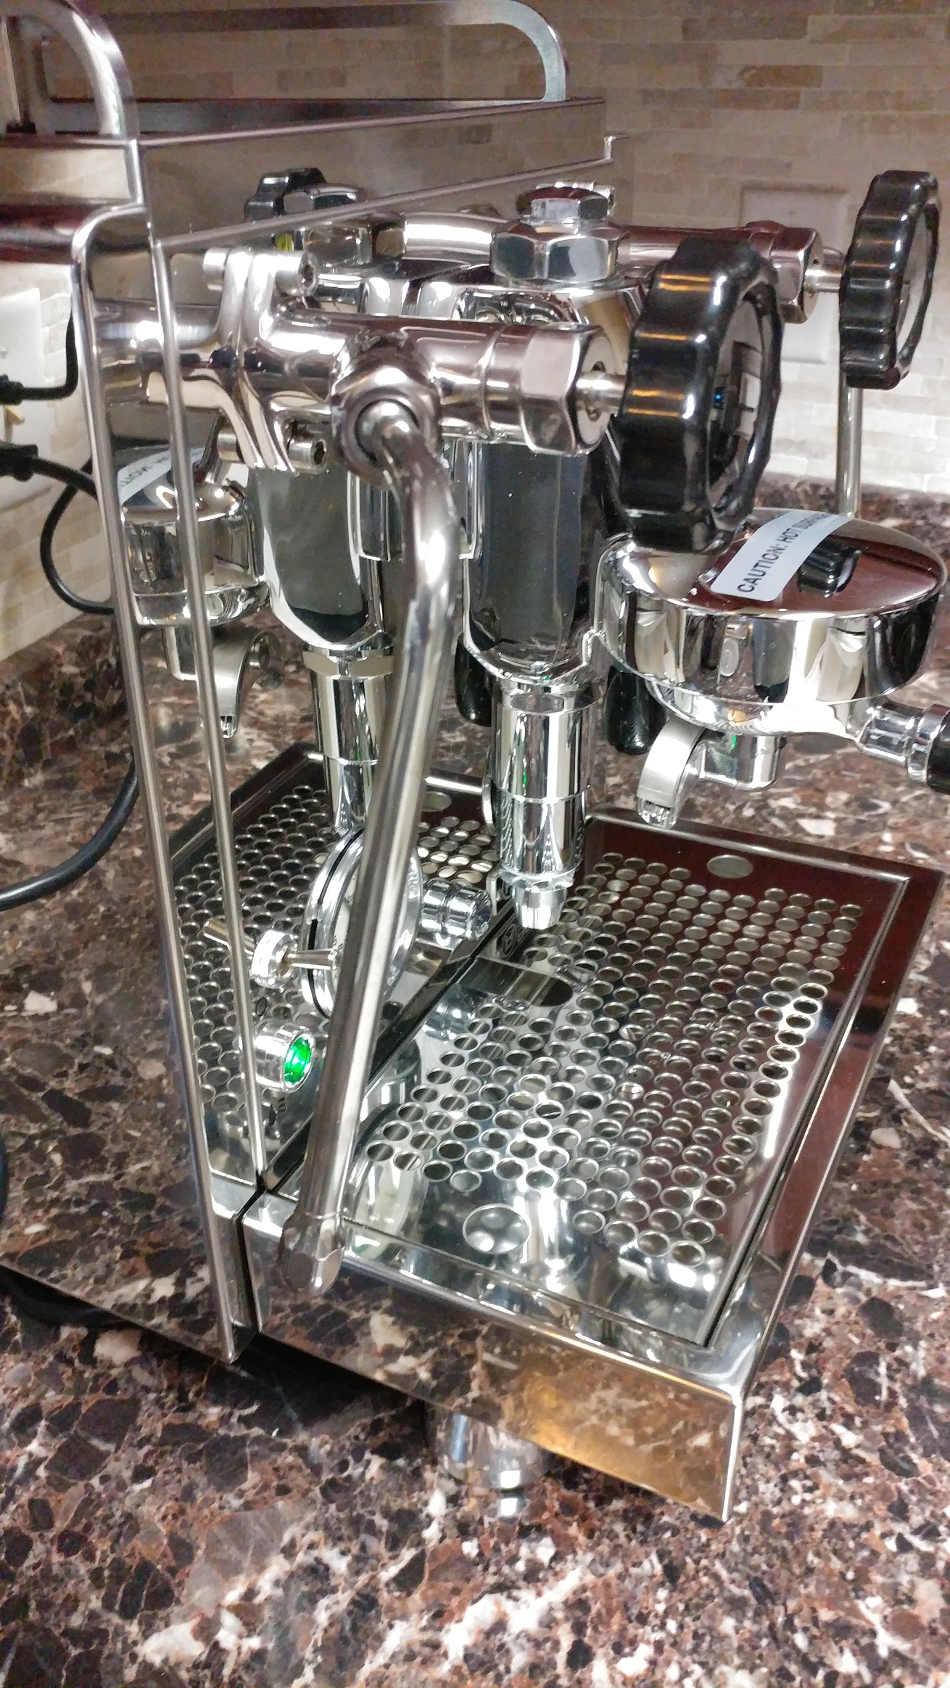 2019 Rocket R58 Dual Boiler Espresso Machine V3 Or V2 Review